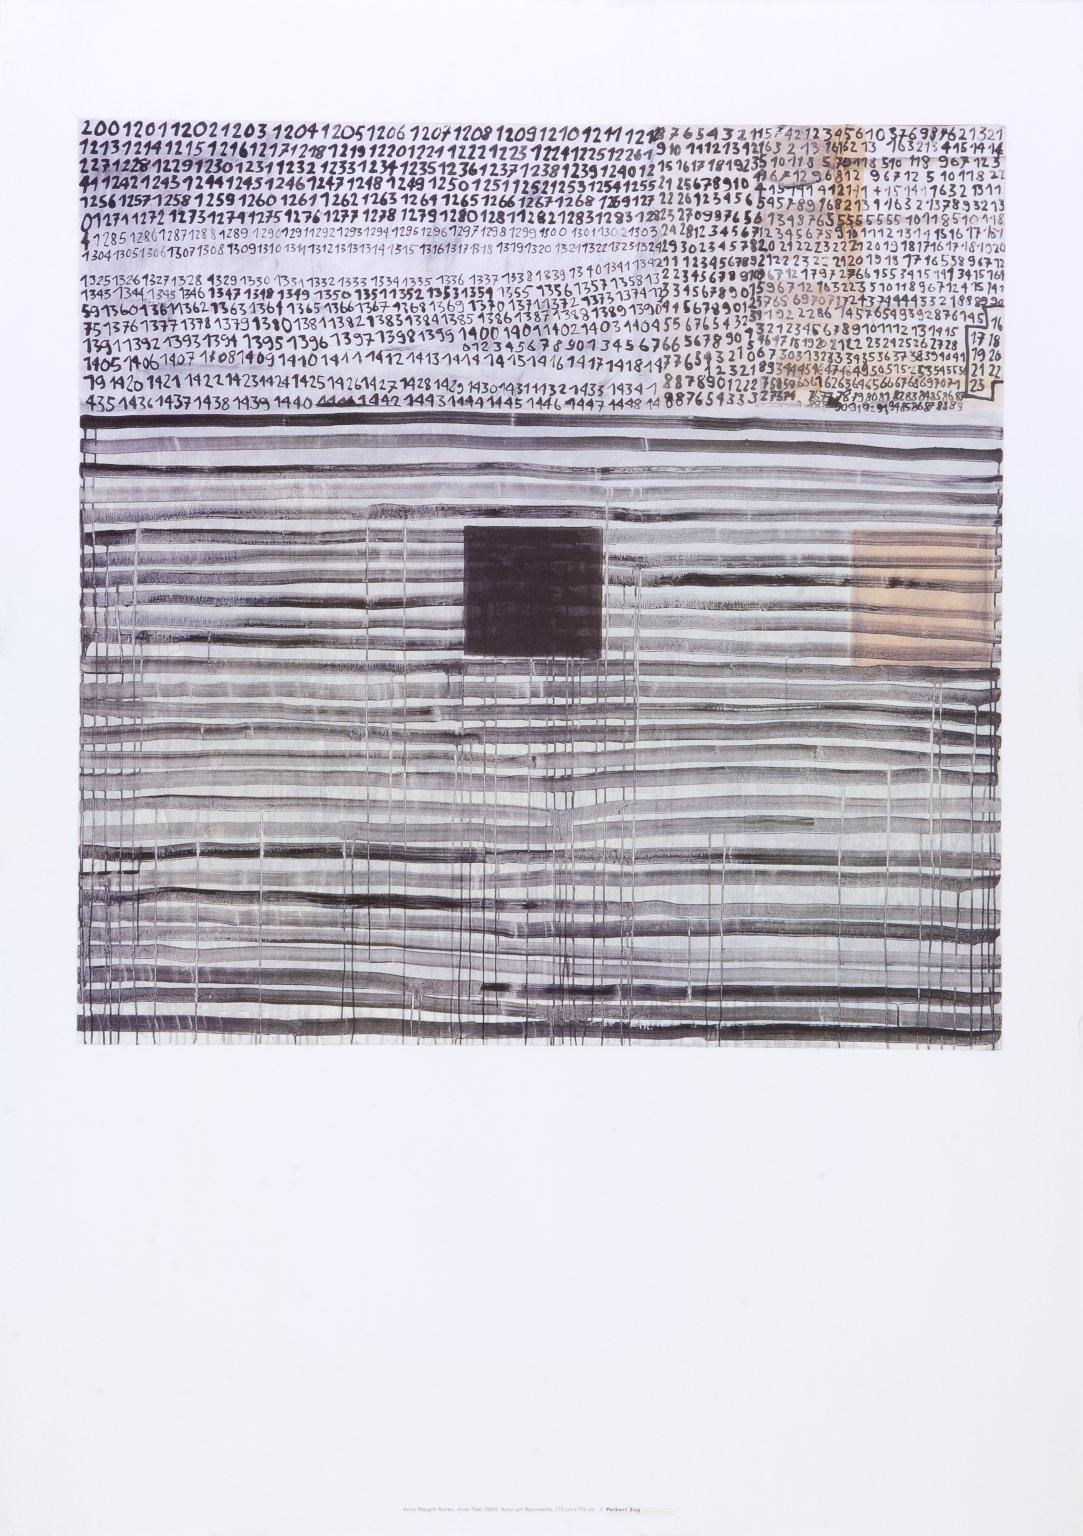 Anna Margrit Annen, ohne Title, 1993